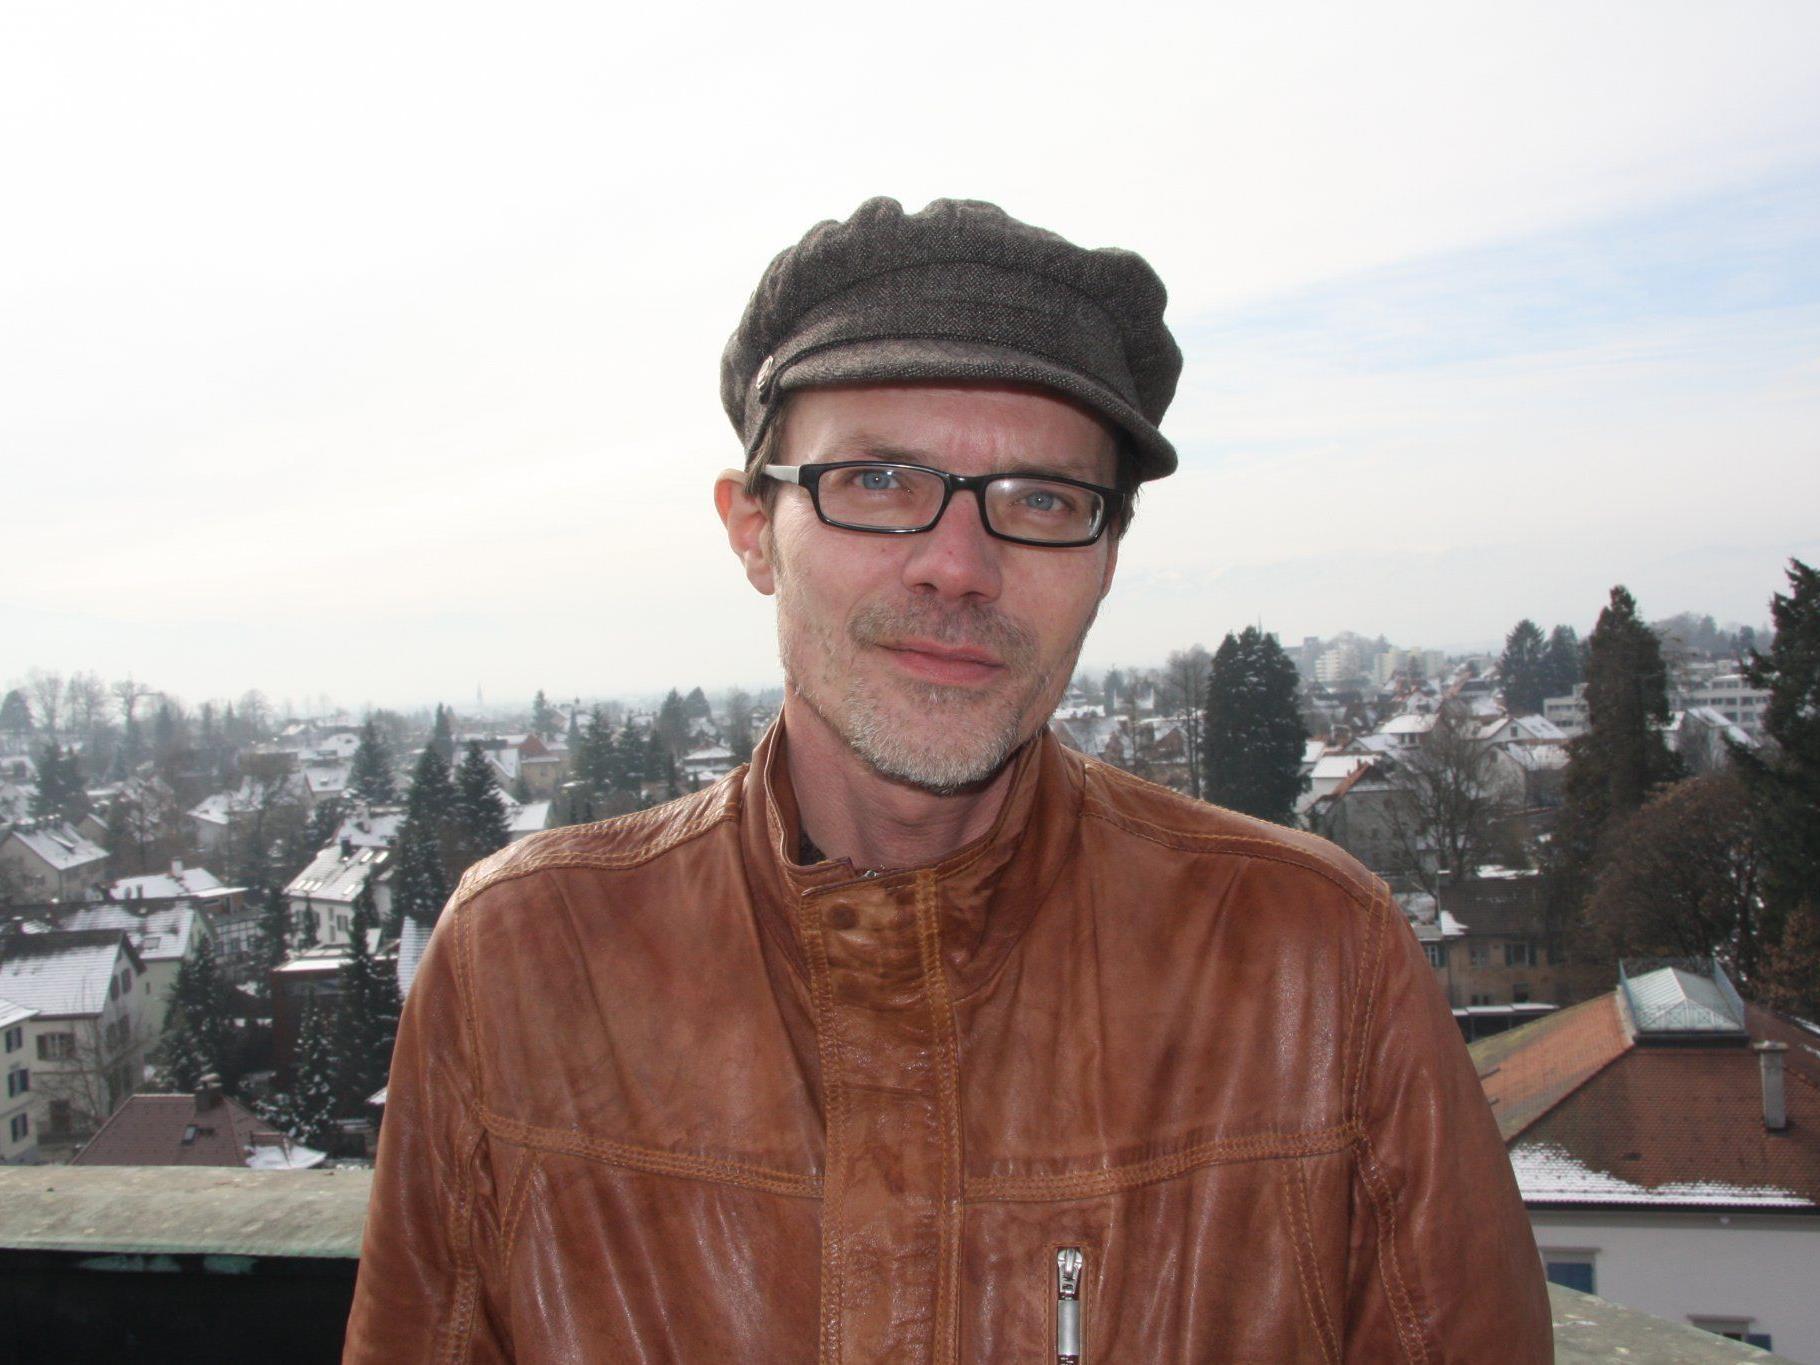 Günter Scheibenreif von der ZAMG in Bregenz.